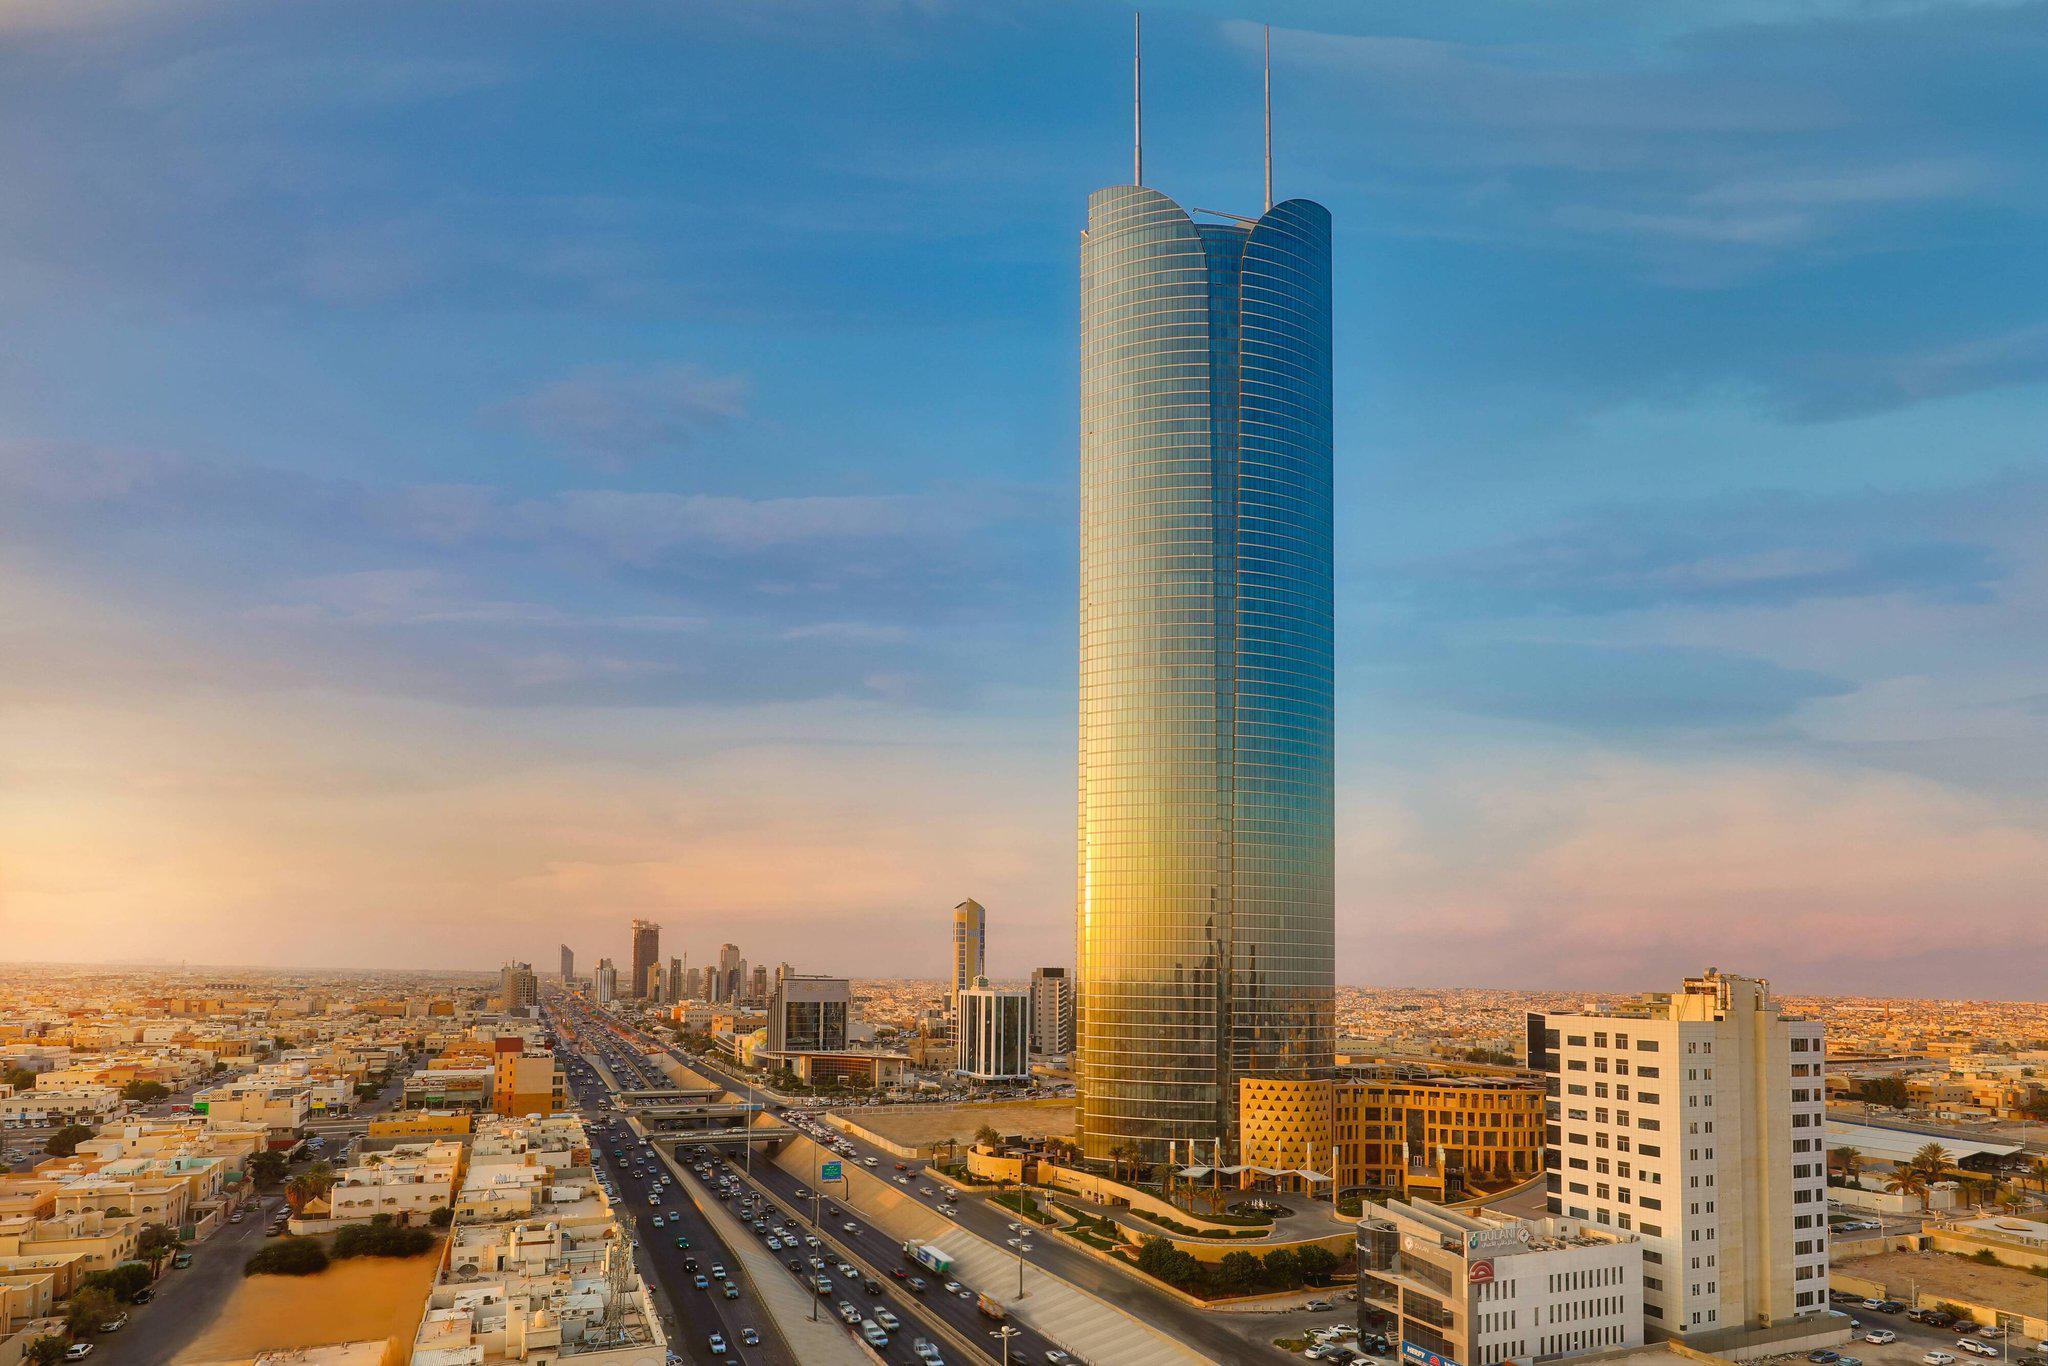 Burj Rafal Riyadh, A Marriott International Hotel